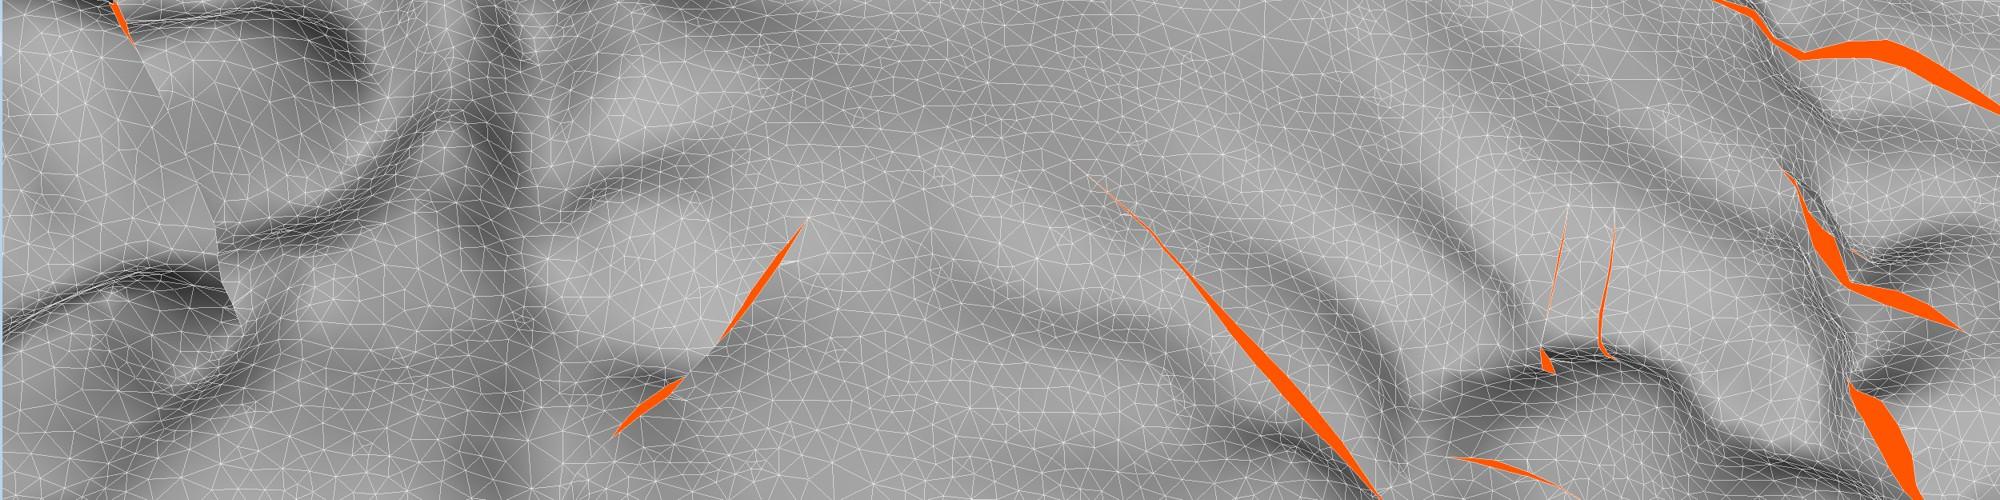 Bild: 3D-Geländemodell mit Störungen